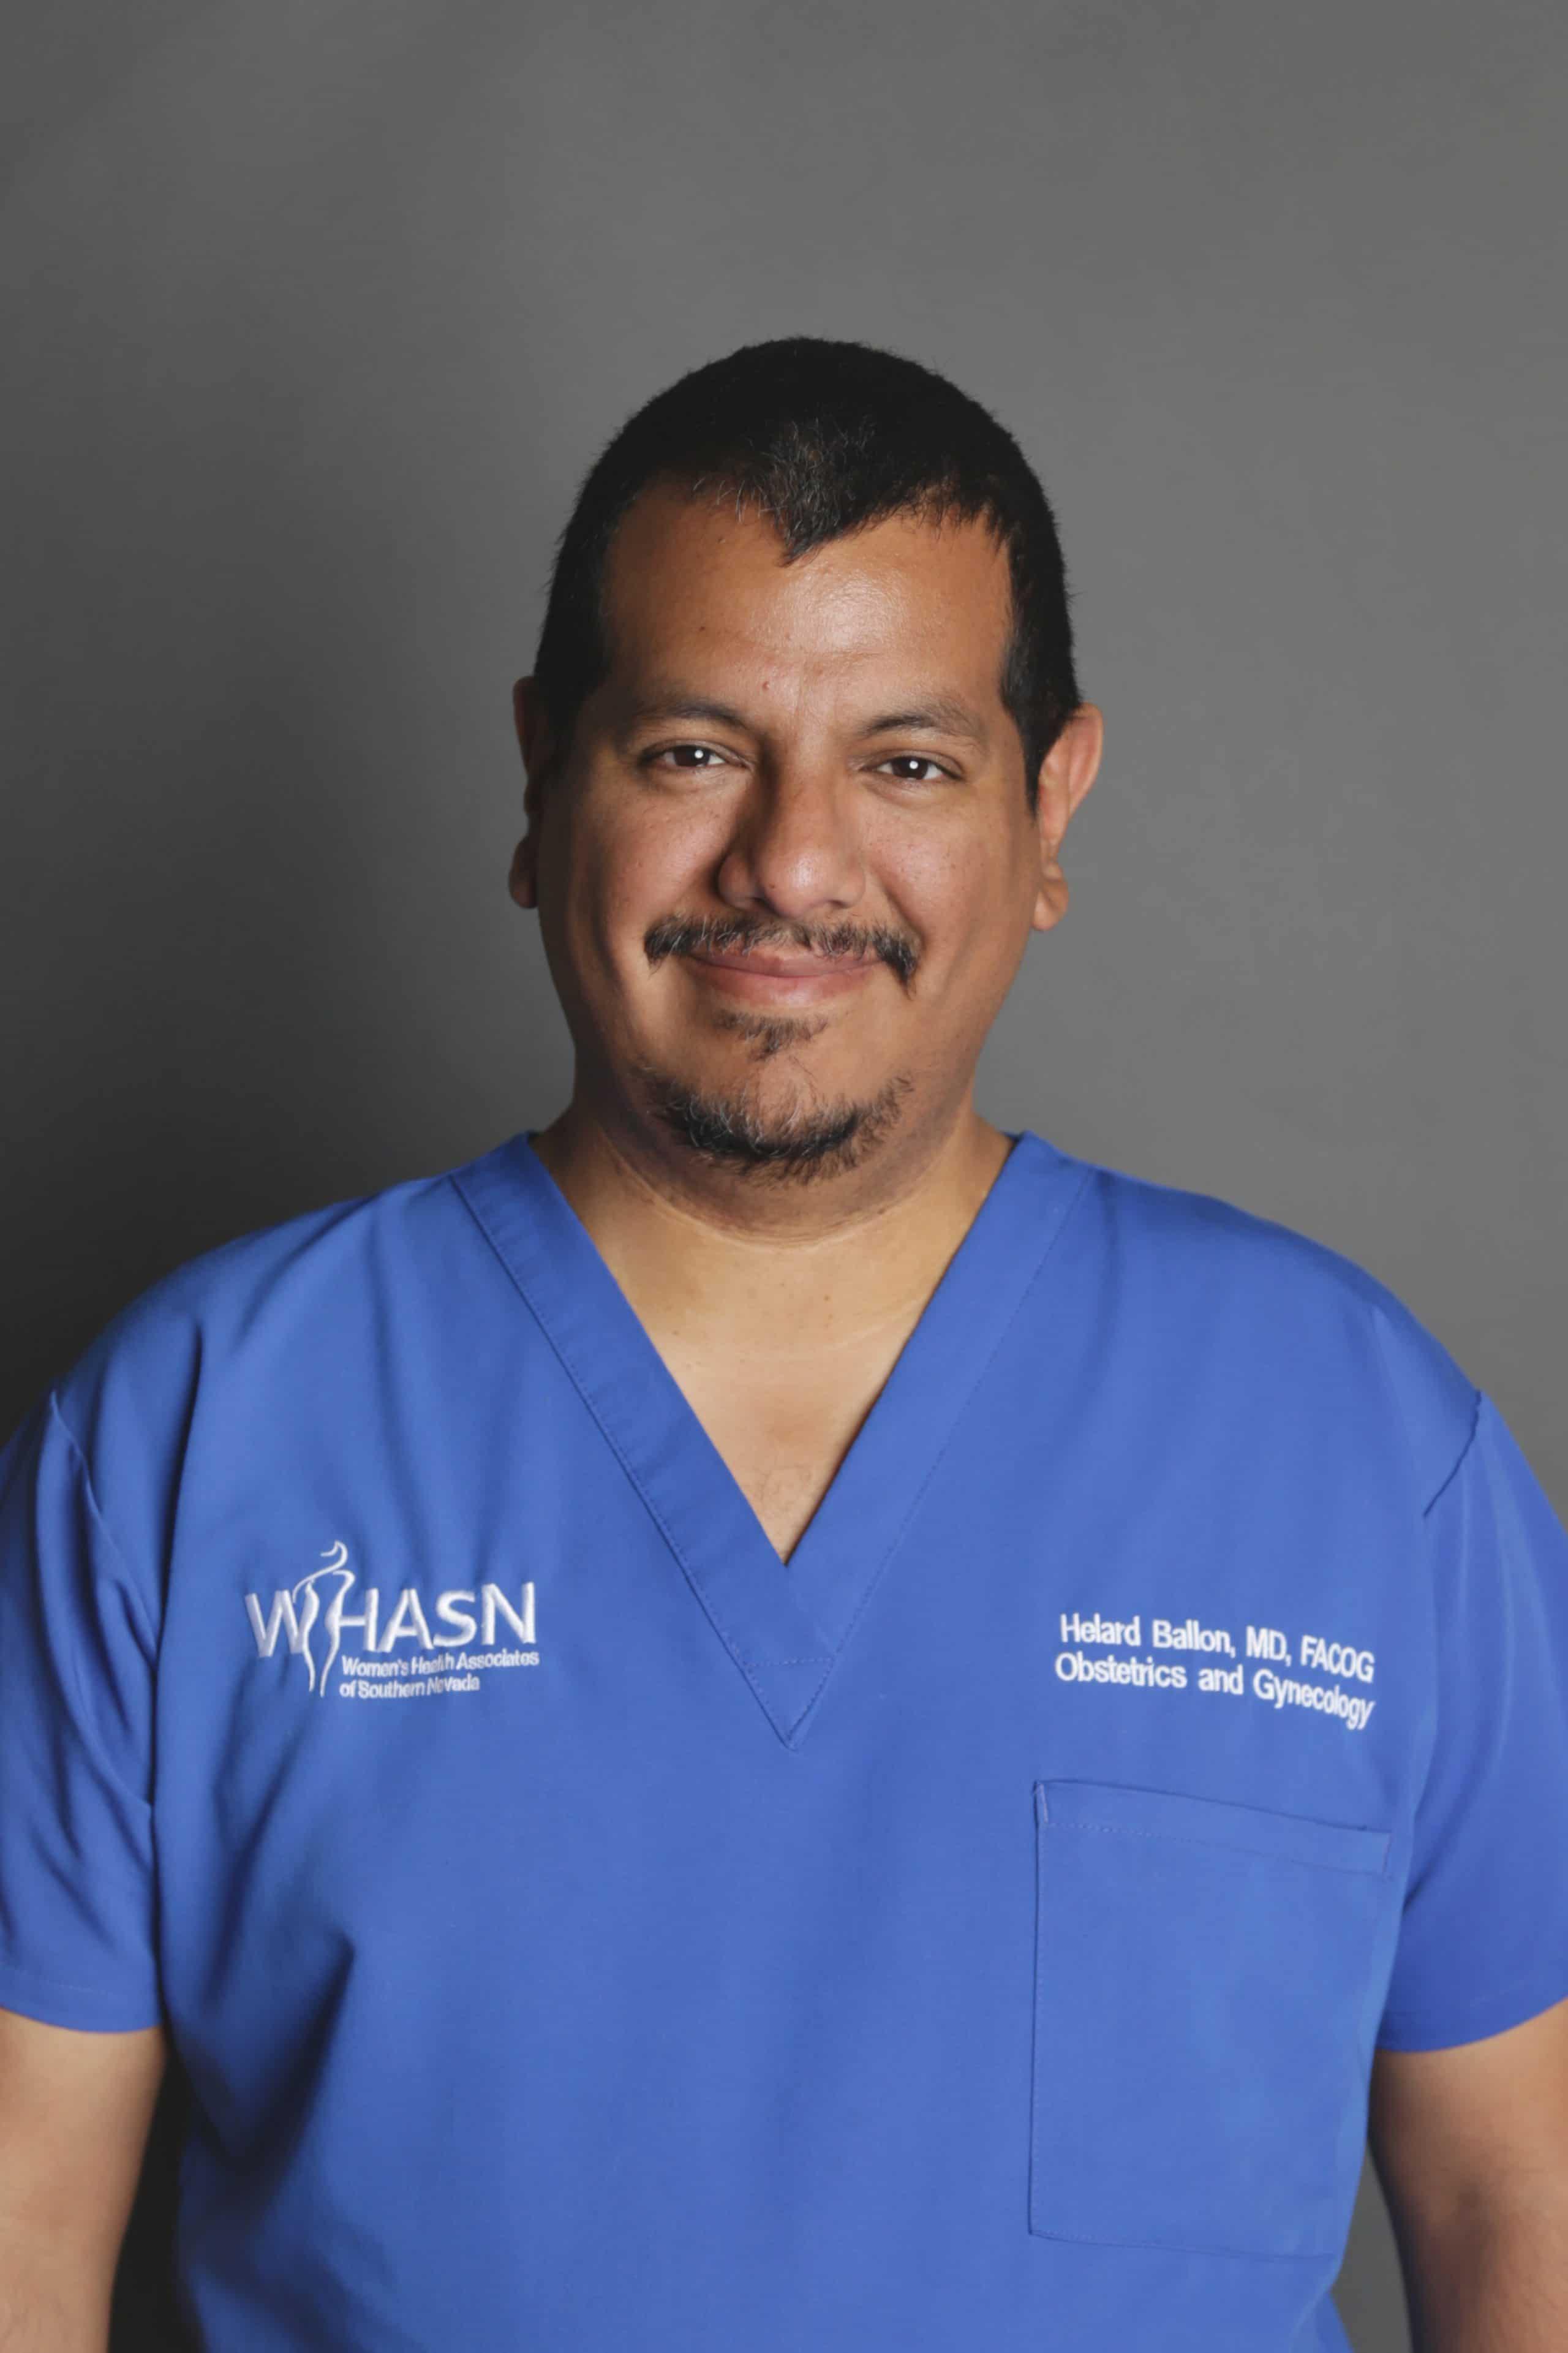 Helard Ballon-Hennings, MD, FACOG WHASN Southwest